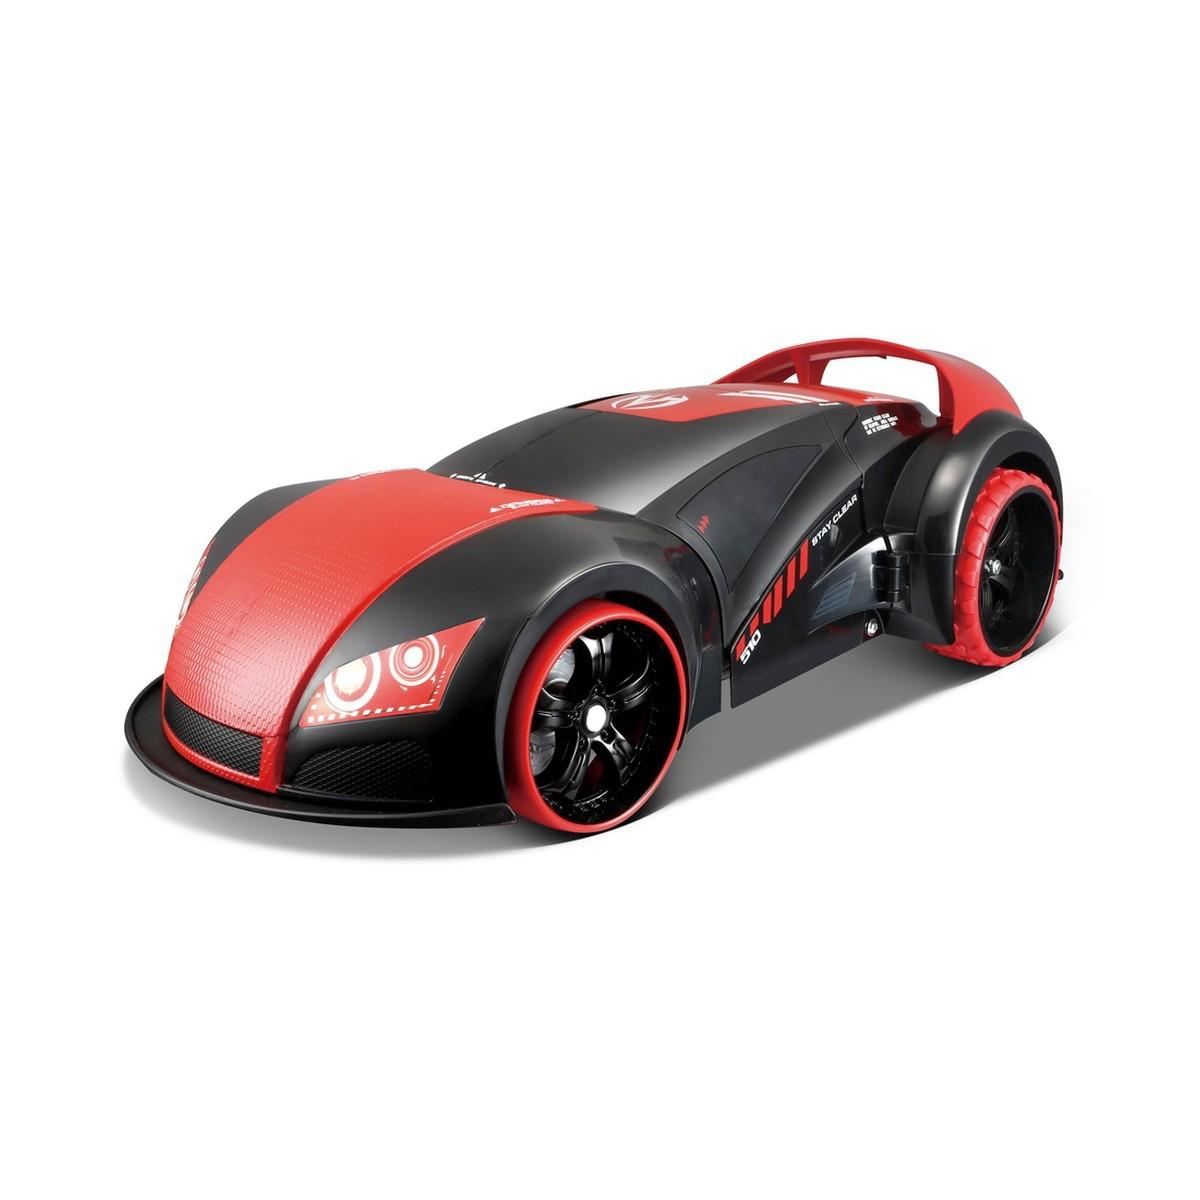 Автомодель - трансформер  на р/у Street Troopers Project 66 чёрно-красный